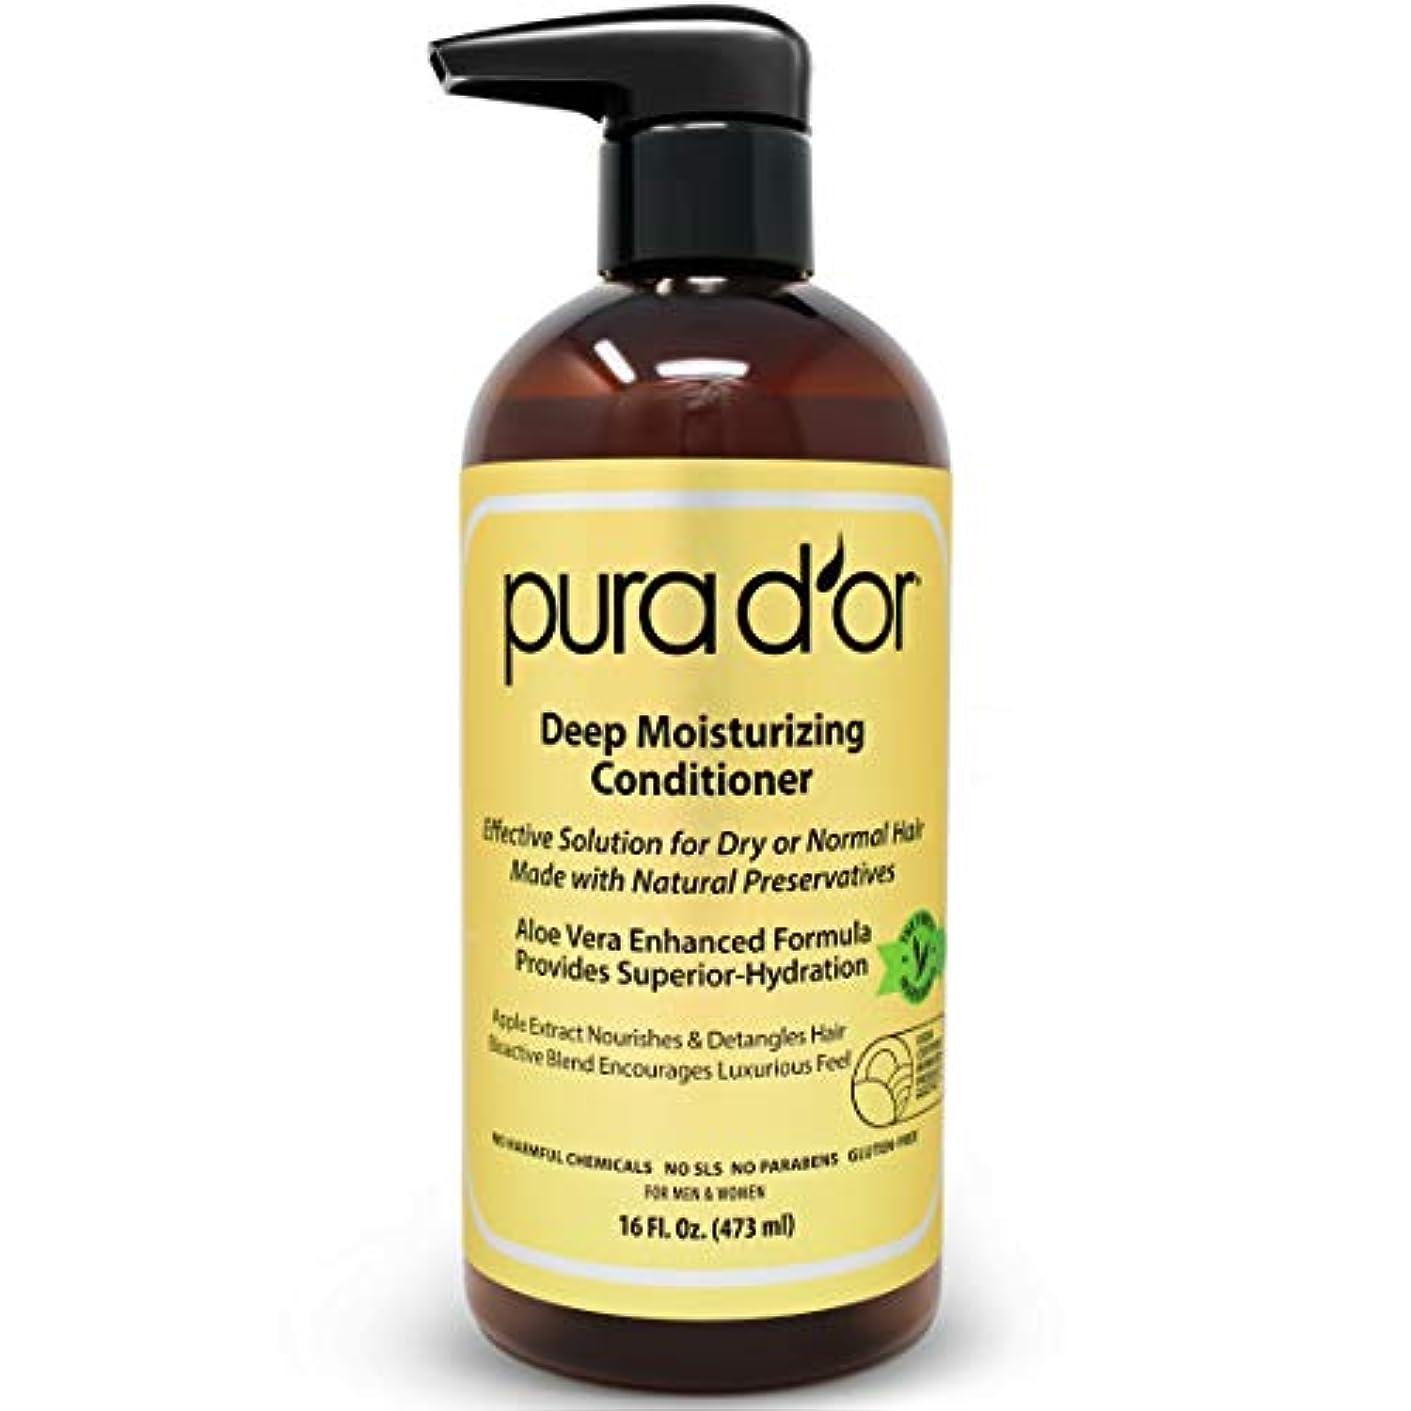 チャップ認証バッグPURA D'OR Deep Moisturizing Premium Organic Argan Oil & Aloe Vera Conditioner, 16 Fluid Ounce (473ml)プラドール ディープモイスチャライジング...